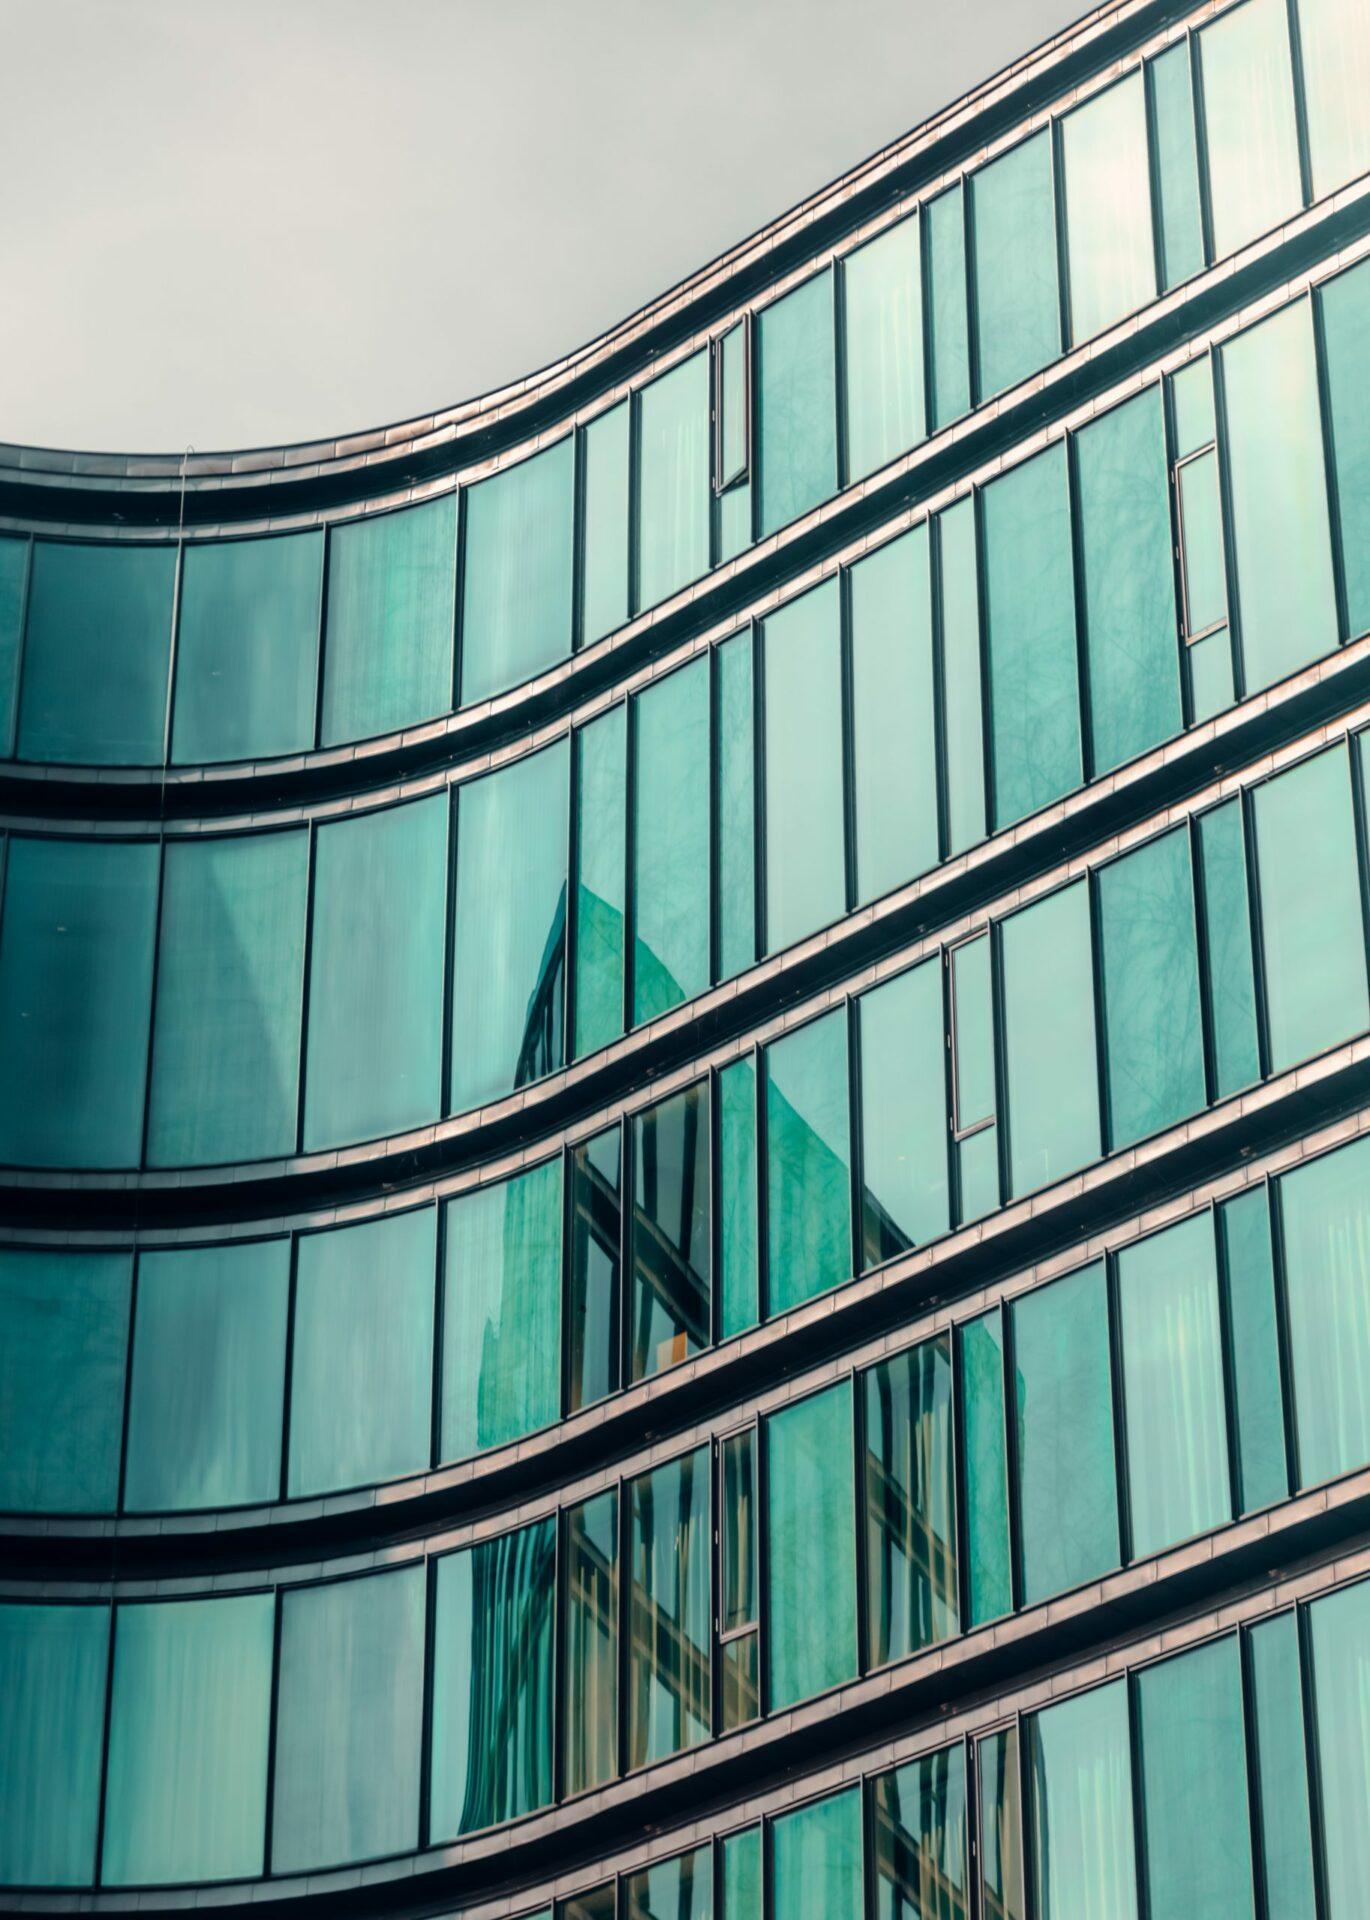 Glasfacaden giver bygningen sit særlige udtryk